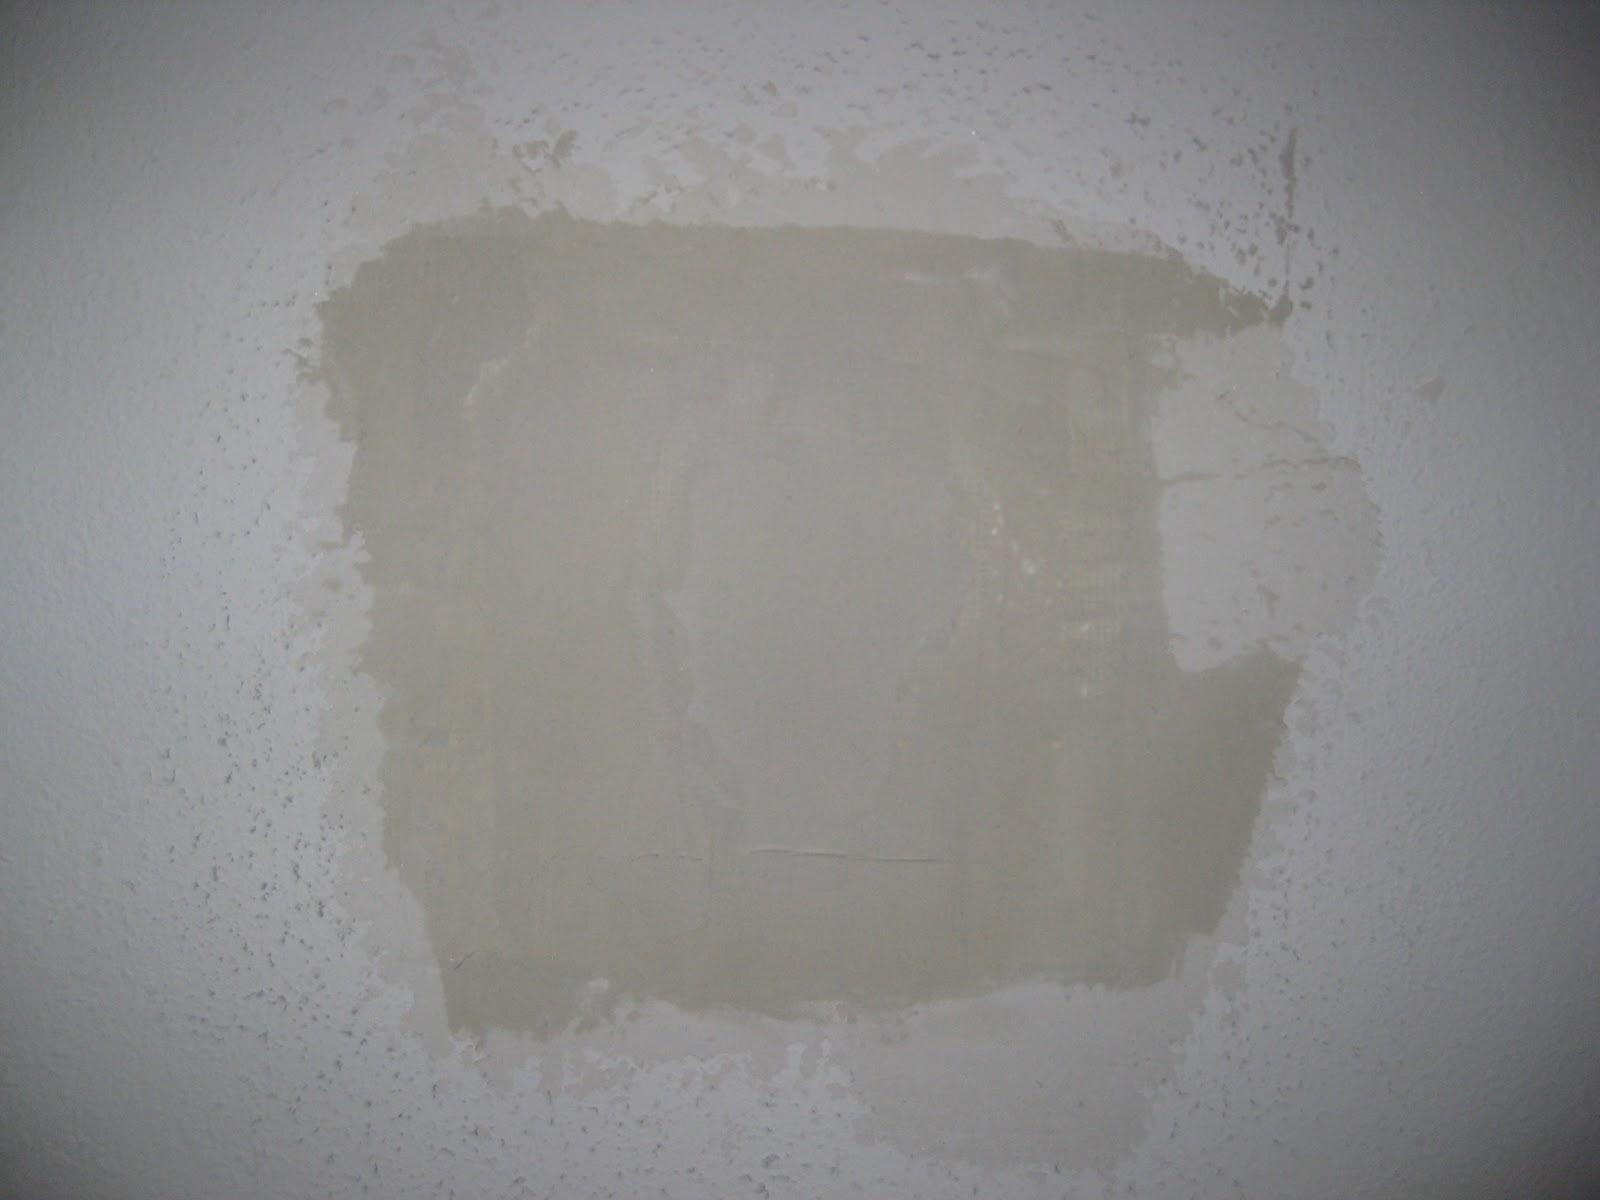 http://3.bp.blogspot.com/-i0wzI6H1BAo/Toi2CZjaiQI/AAAAAAAAAFU/XMQPPXV752s/s1600/Wall+repairs+005.JPG